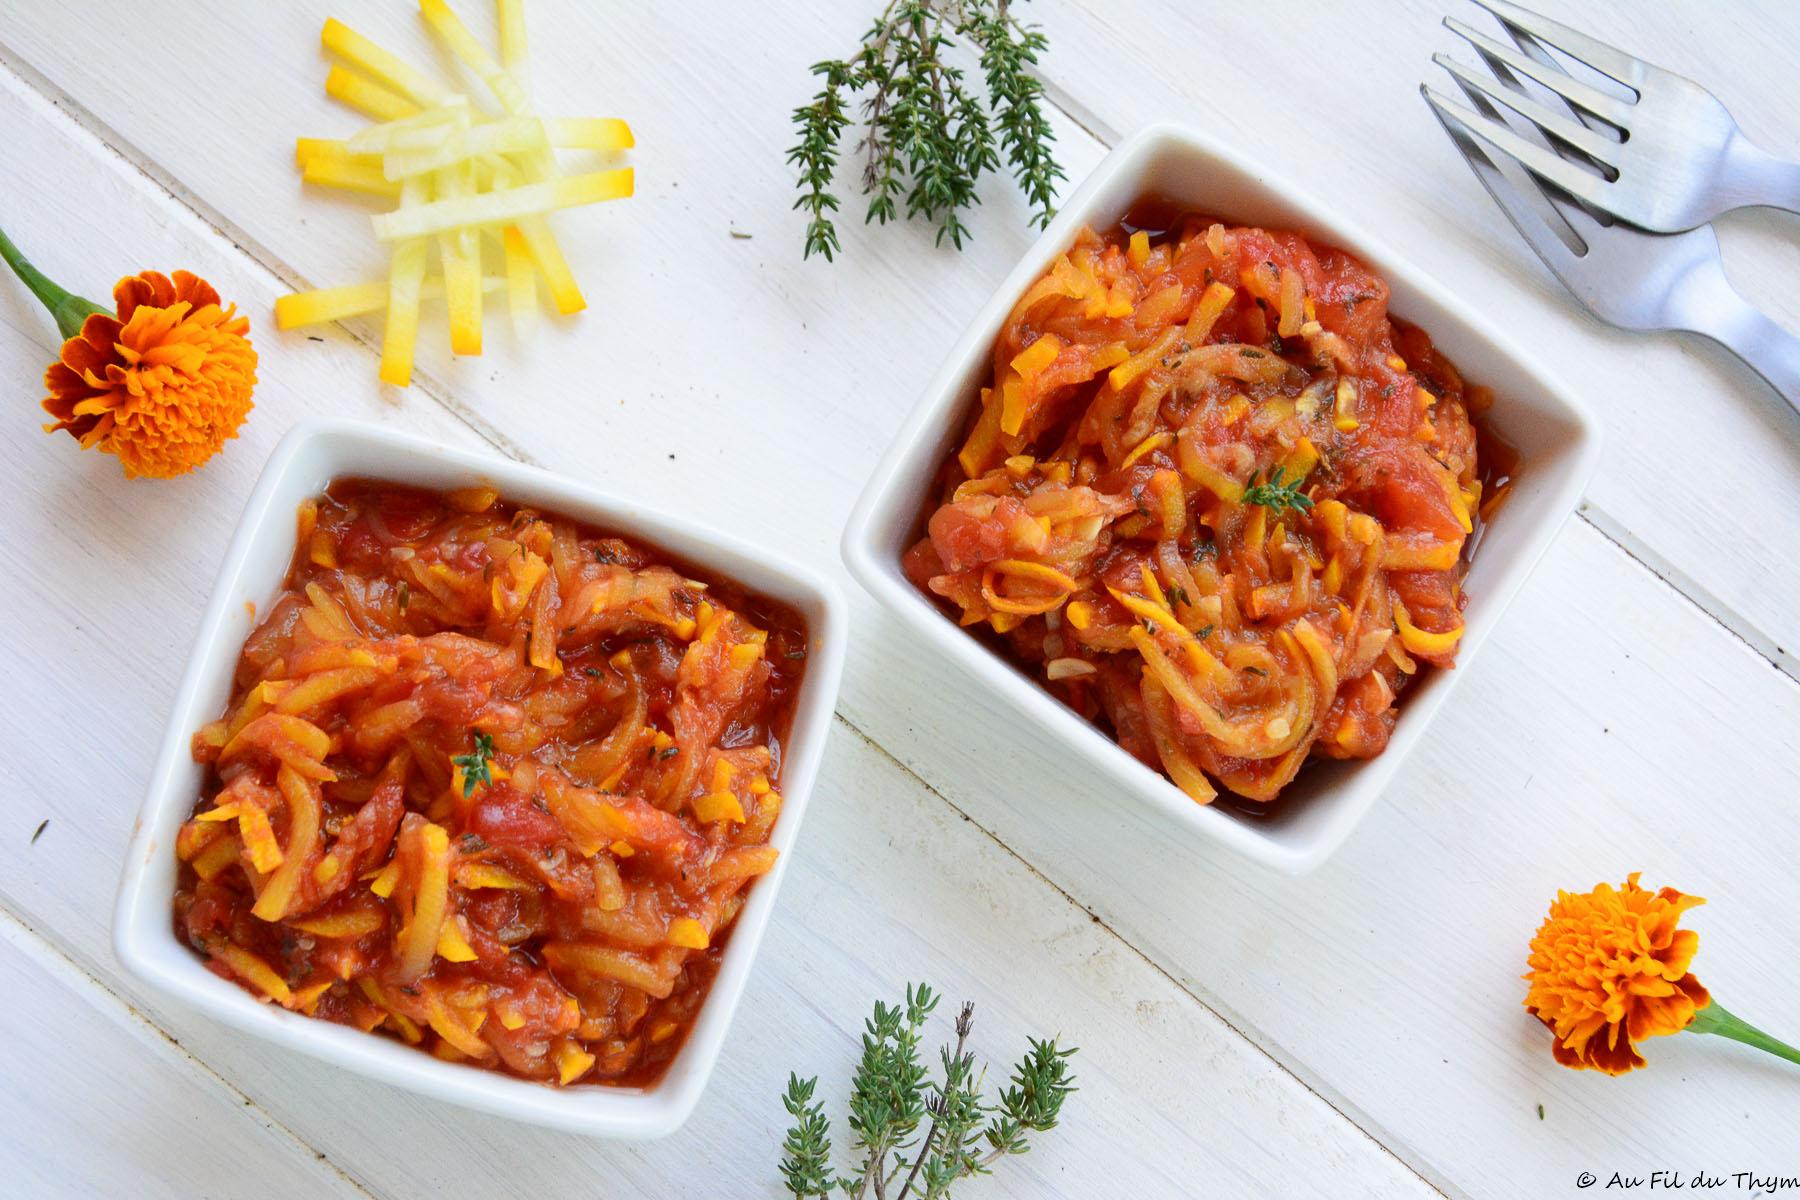 Compotée courgettes & tomates (à déguster ou conserver)